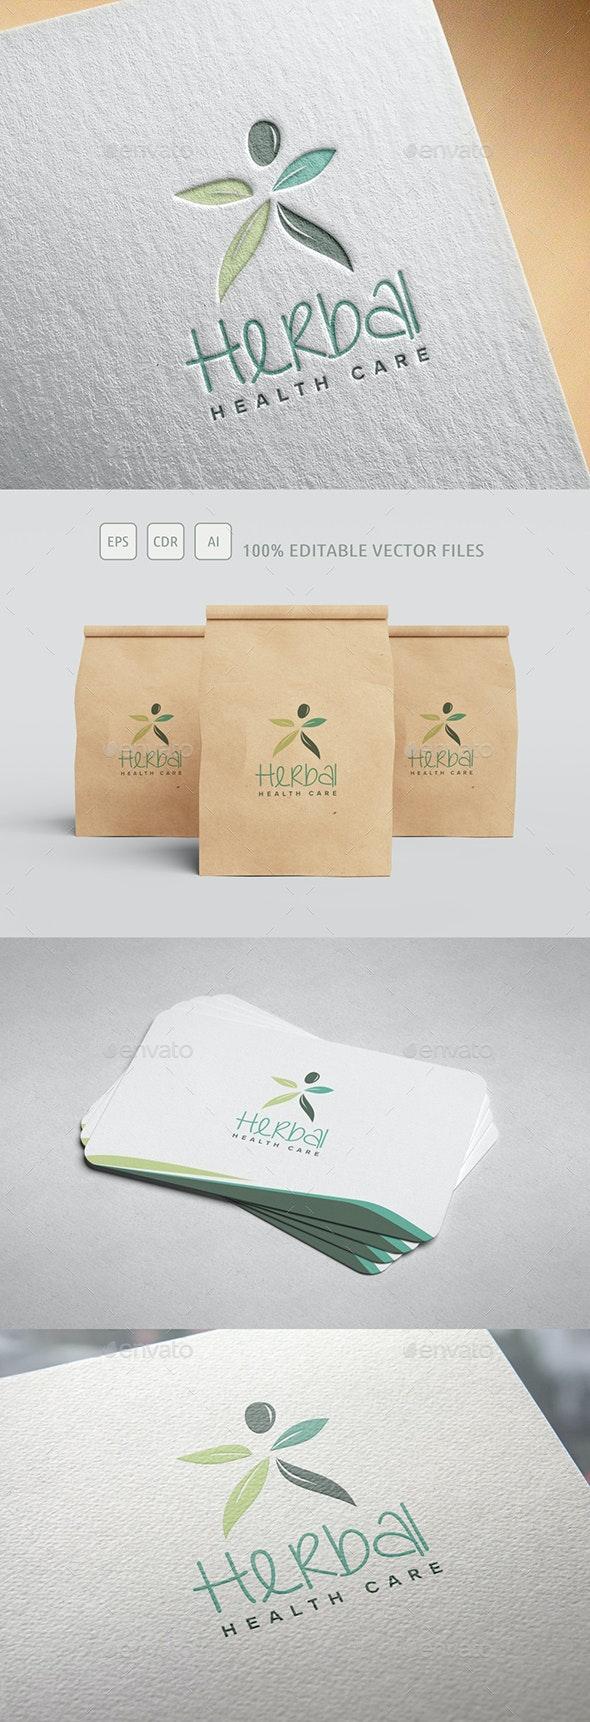 Herbal Company Logo - Company Logo Templates